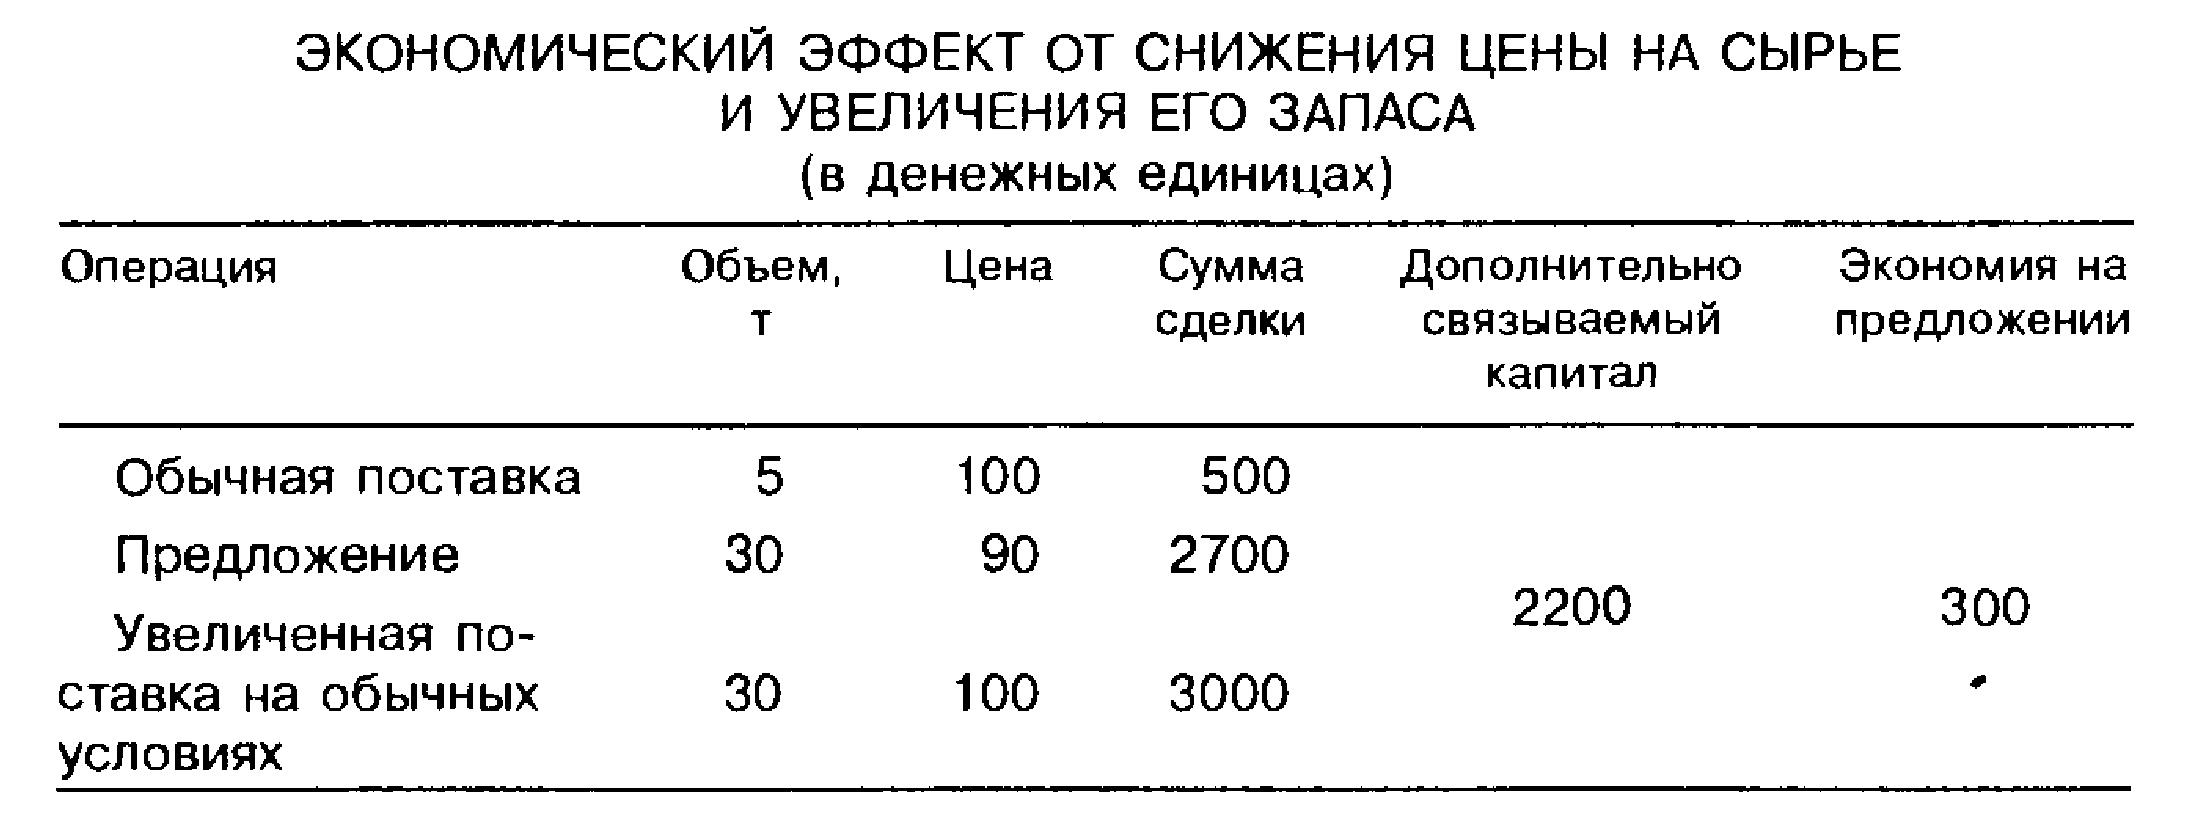 Экономический эффект от снижения цены на сырье и увеличения его запаса (в денежных единицах)